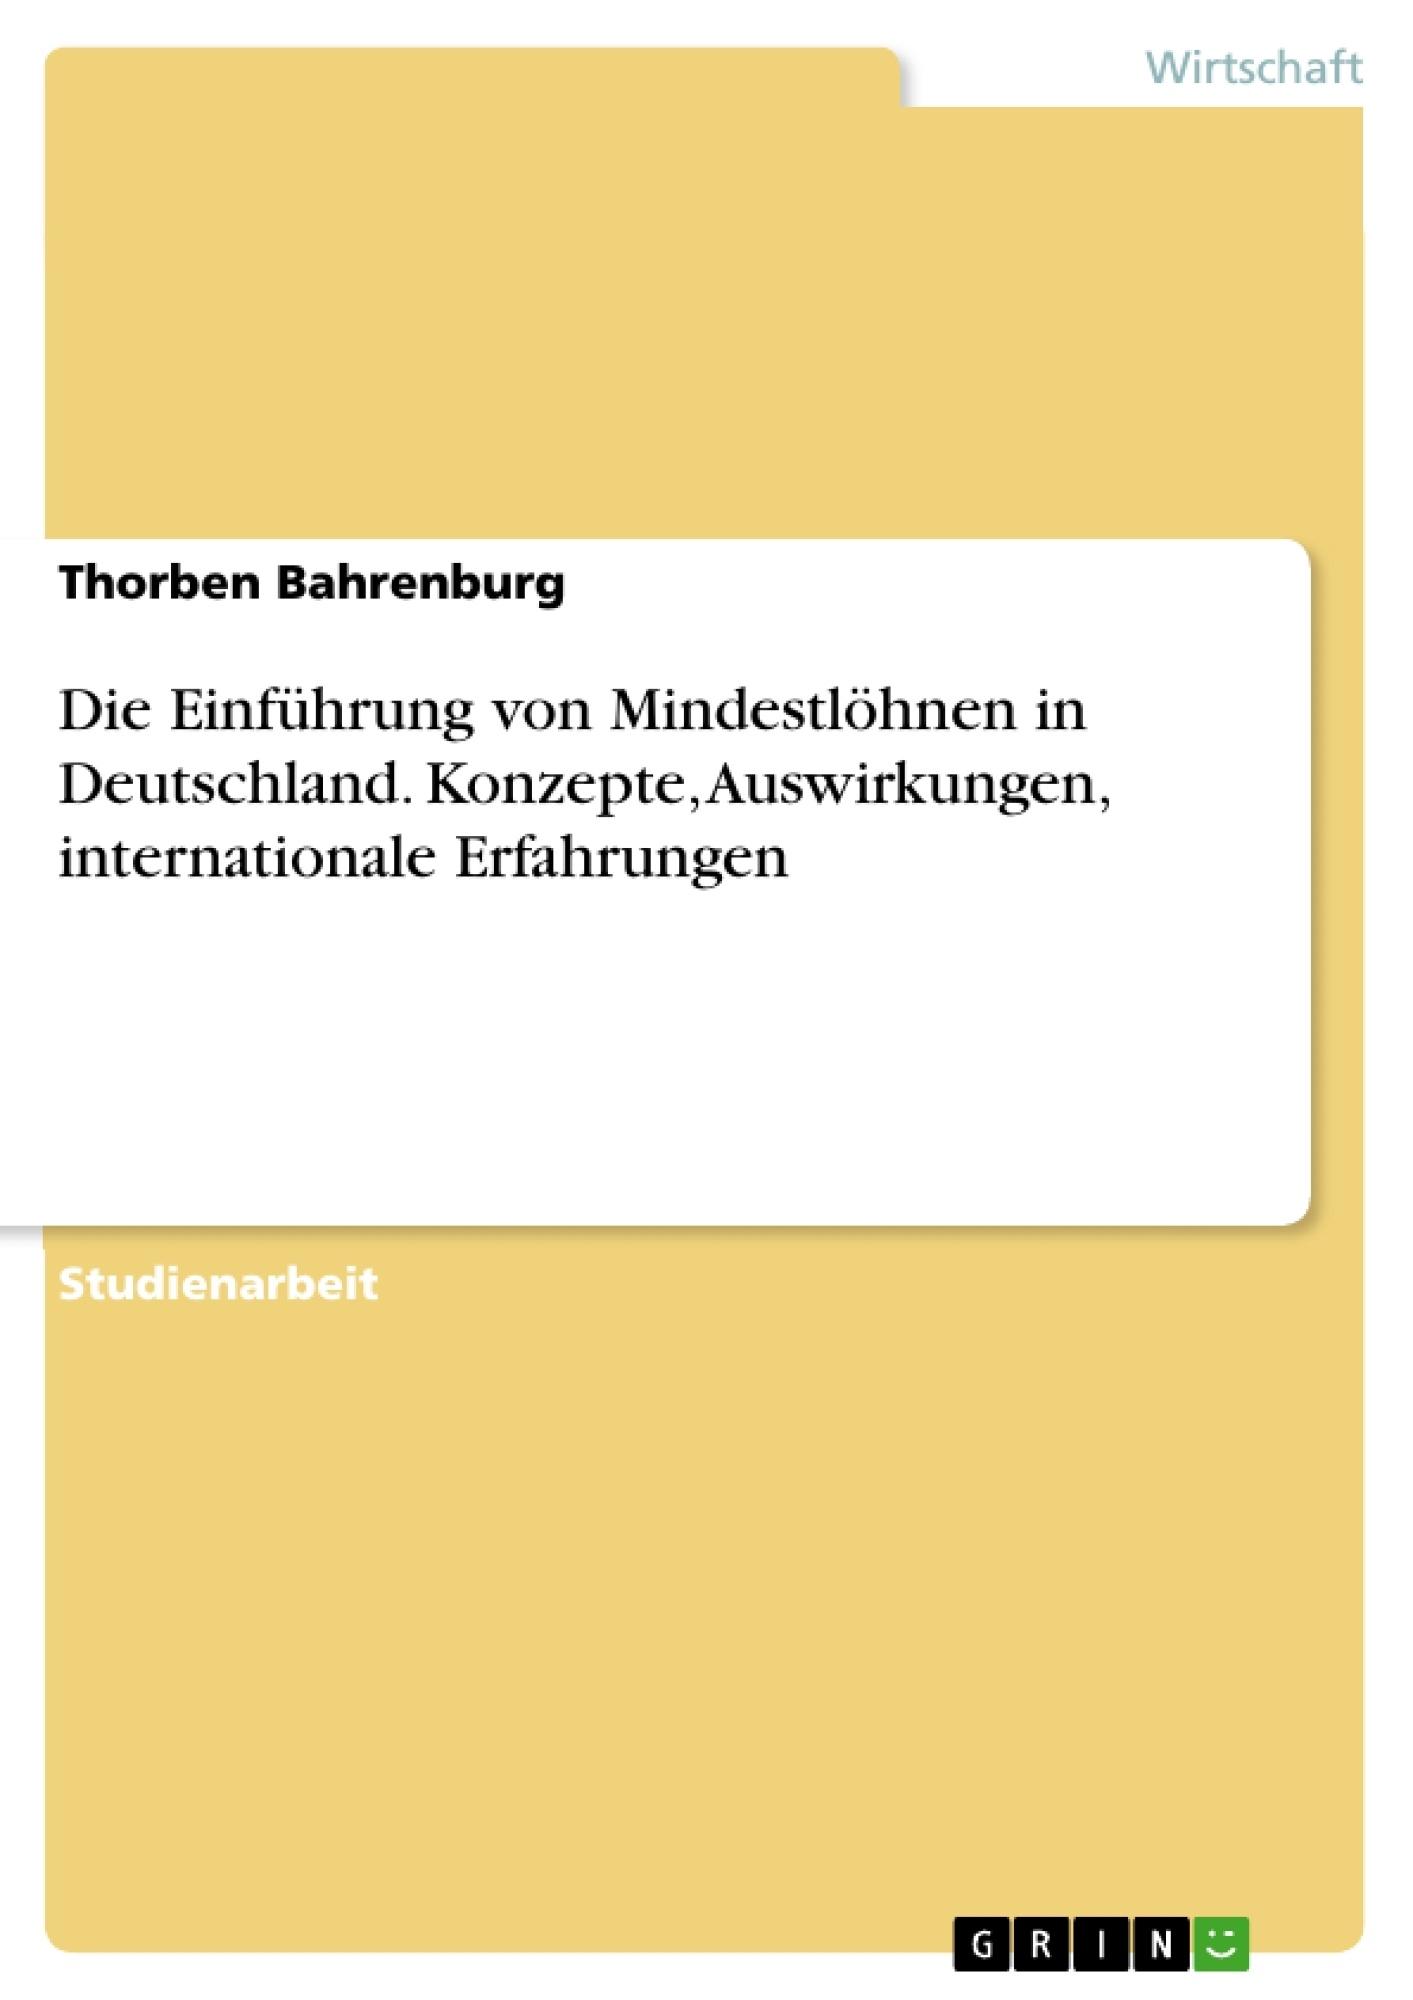 Titel: Die Einführung von Mindestlöhnen in Deutschland. Konzepte, Auswirkungen, internationale Erfahrungen